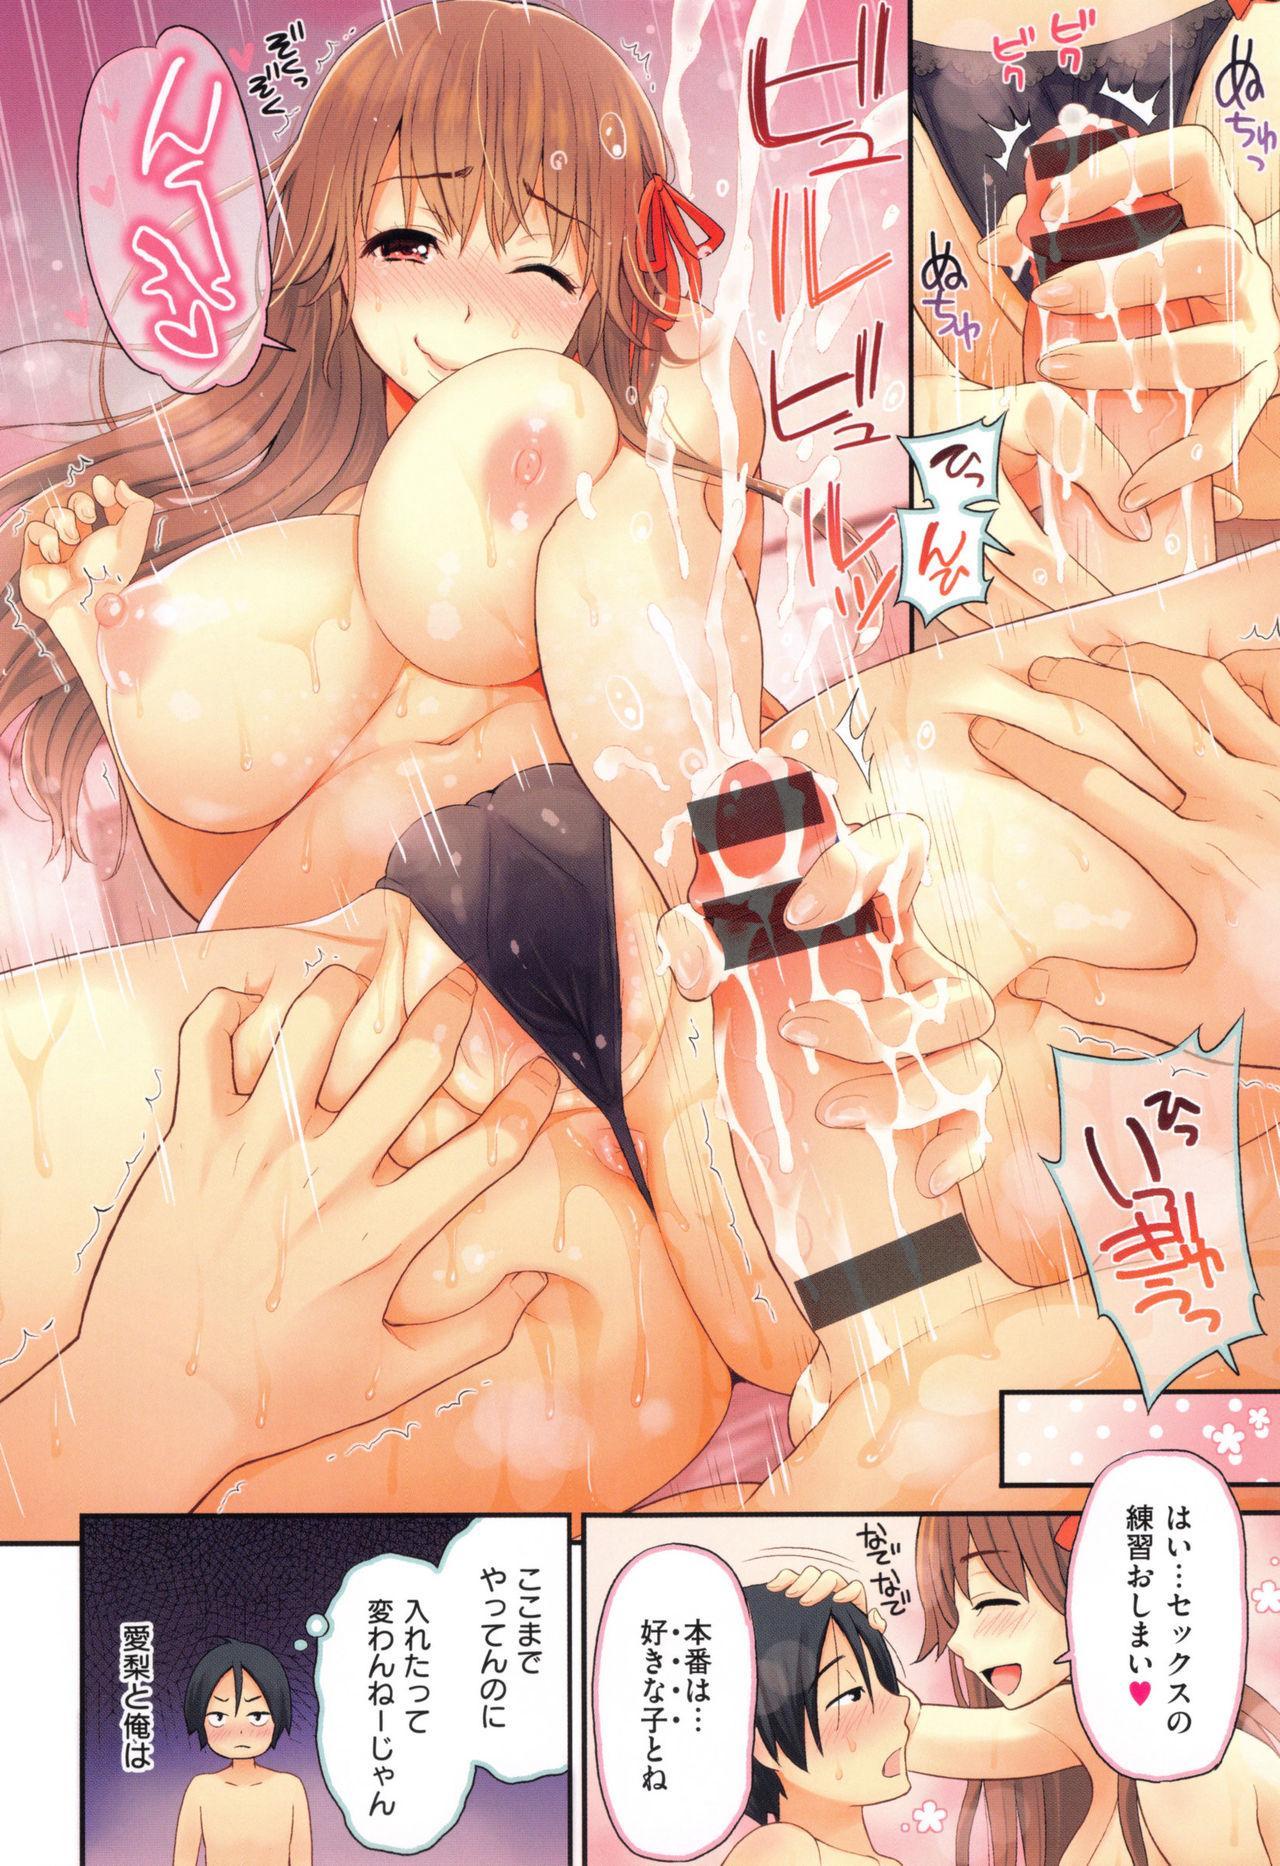 Futari no Himitsu 8